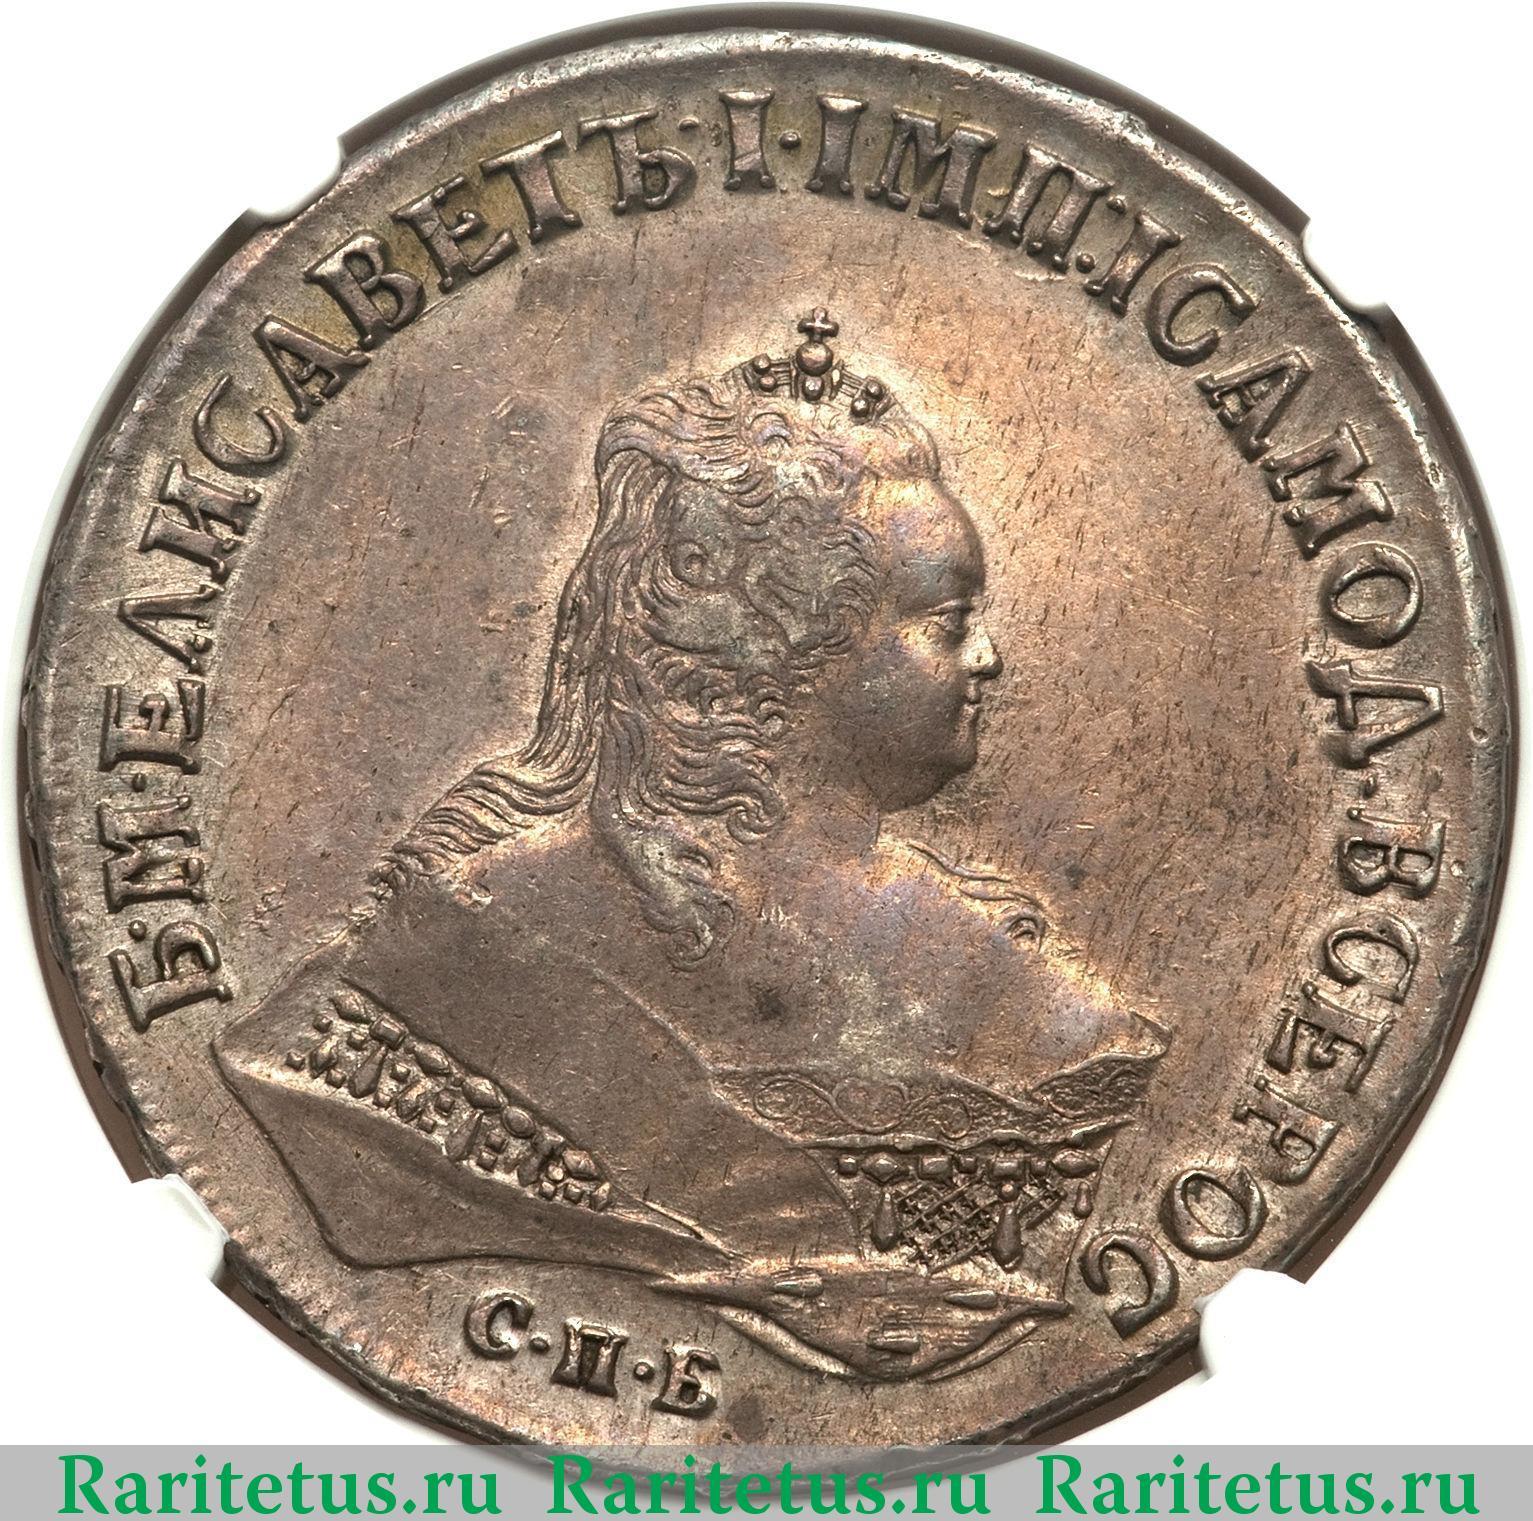 Рубль 1746 года елизавета цена сколько 1 гривна